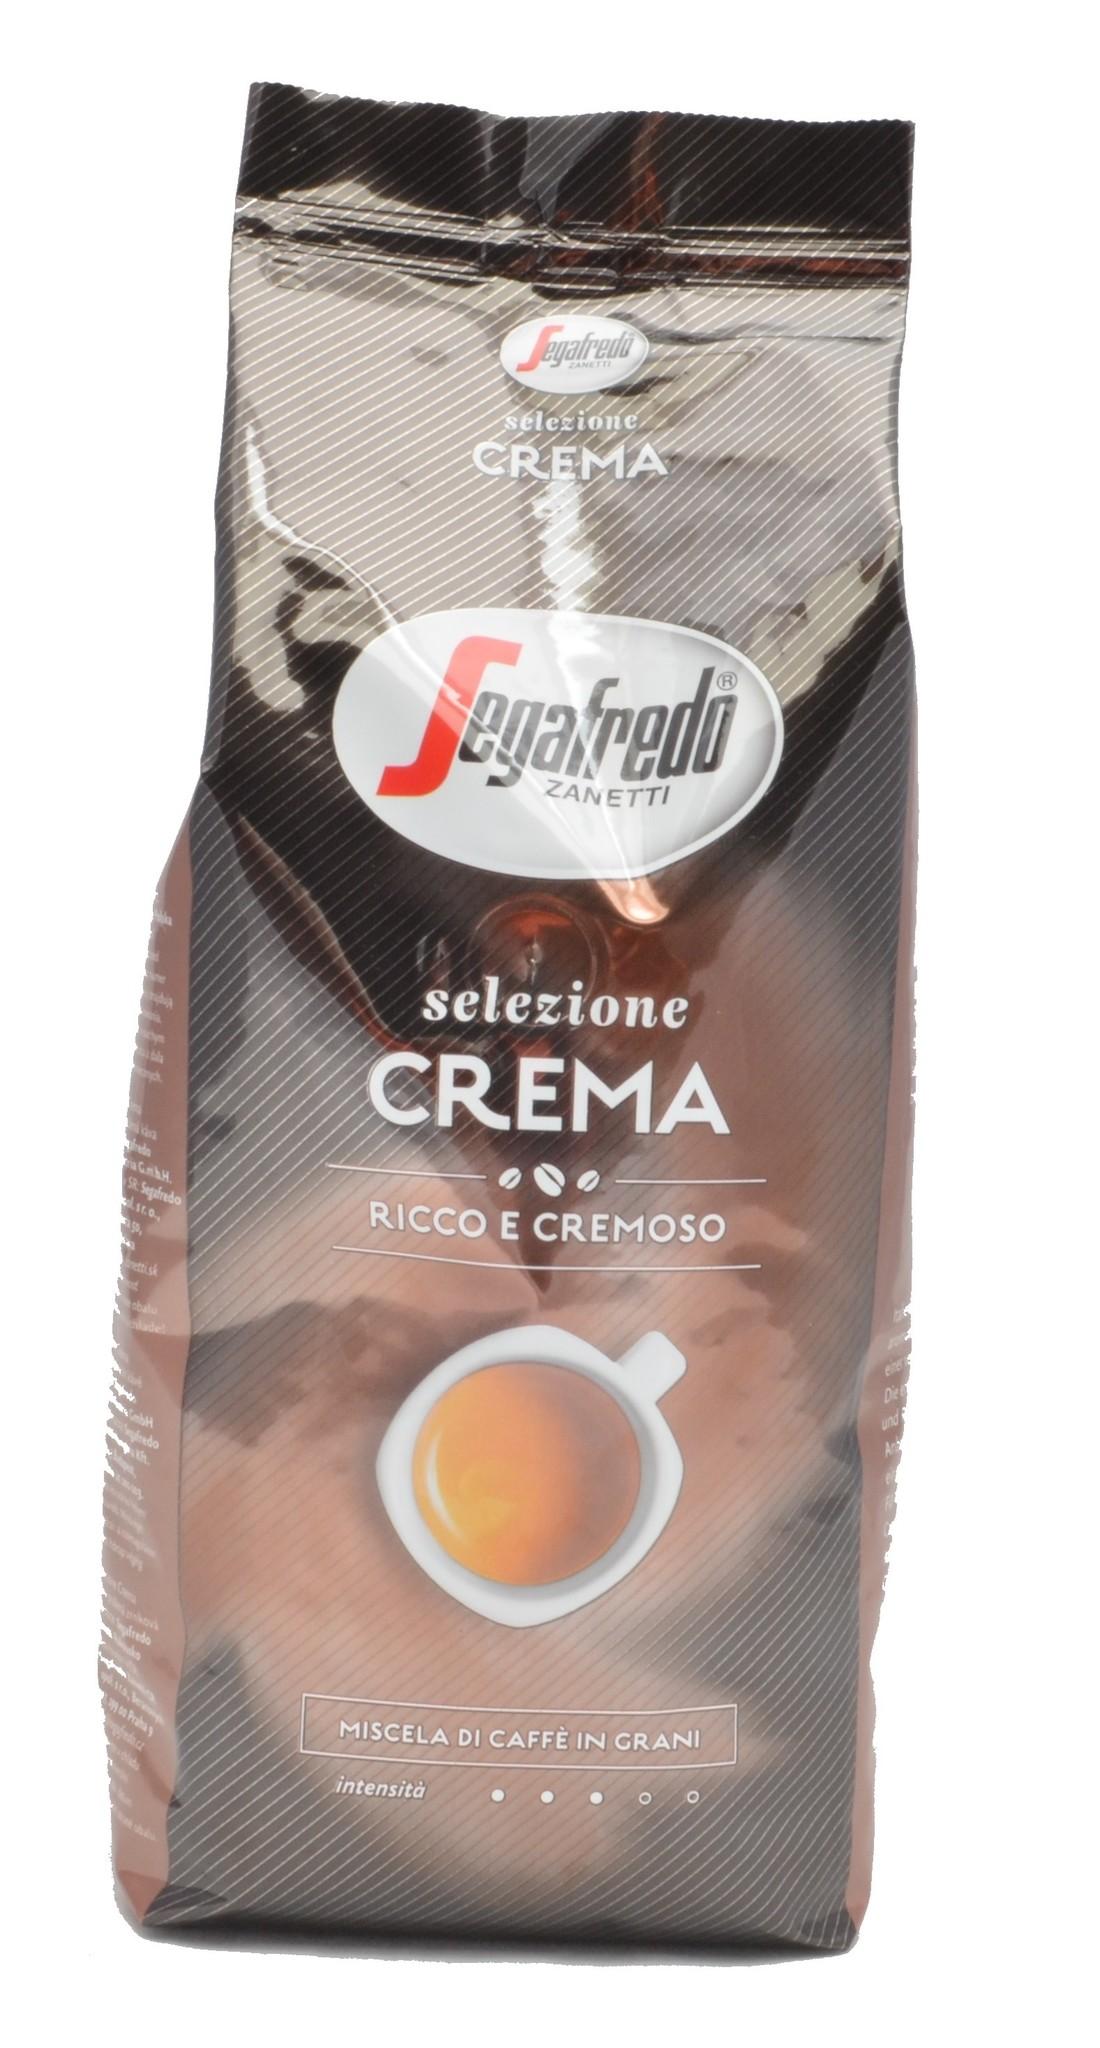 Segafredo Selezione crema bonen 1 kg. vanaf € 9.00